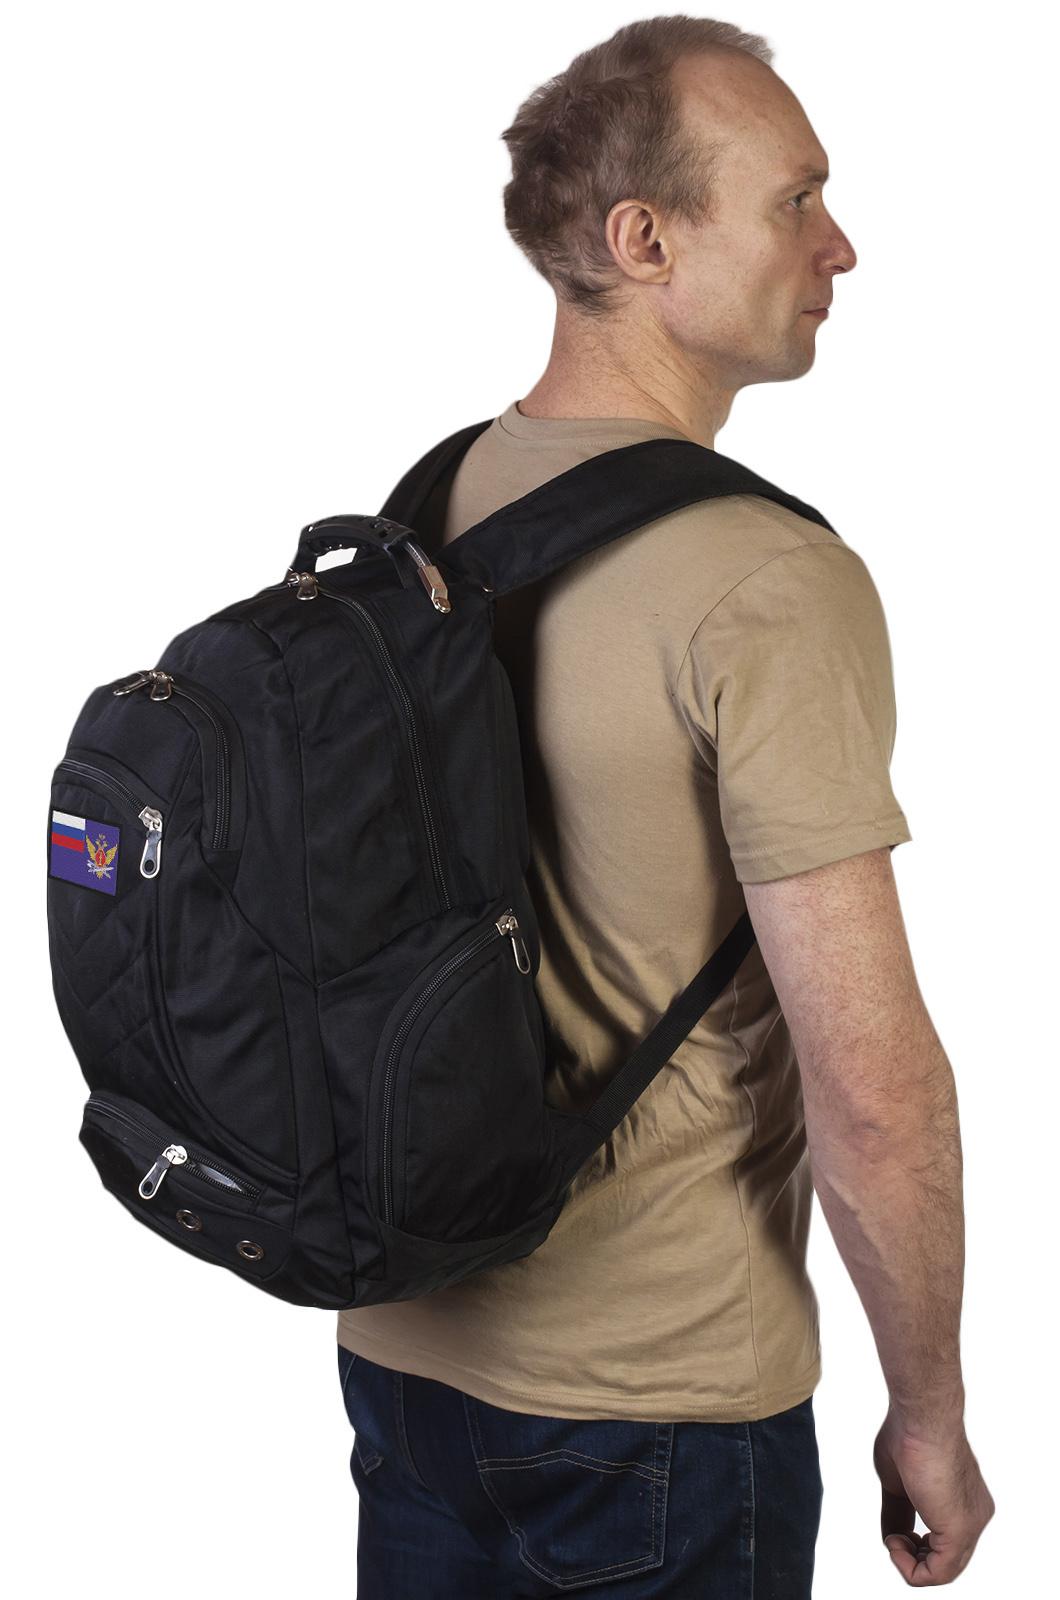 Заказать универсальный городской рюкзак с эмблемой ФСИН